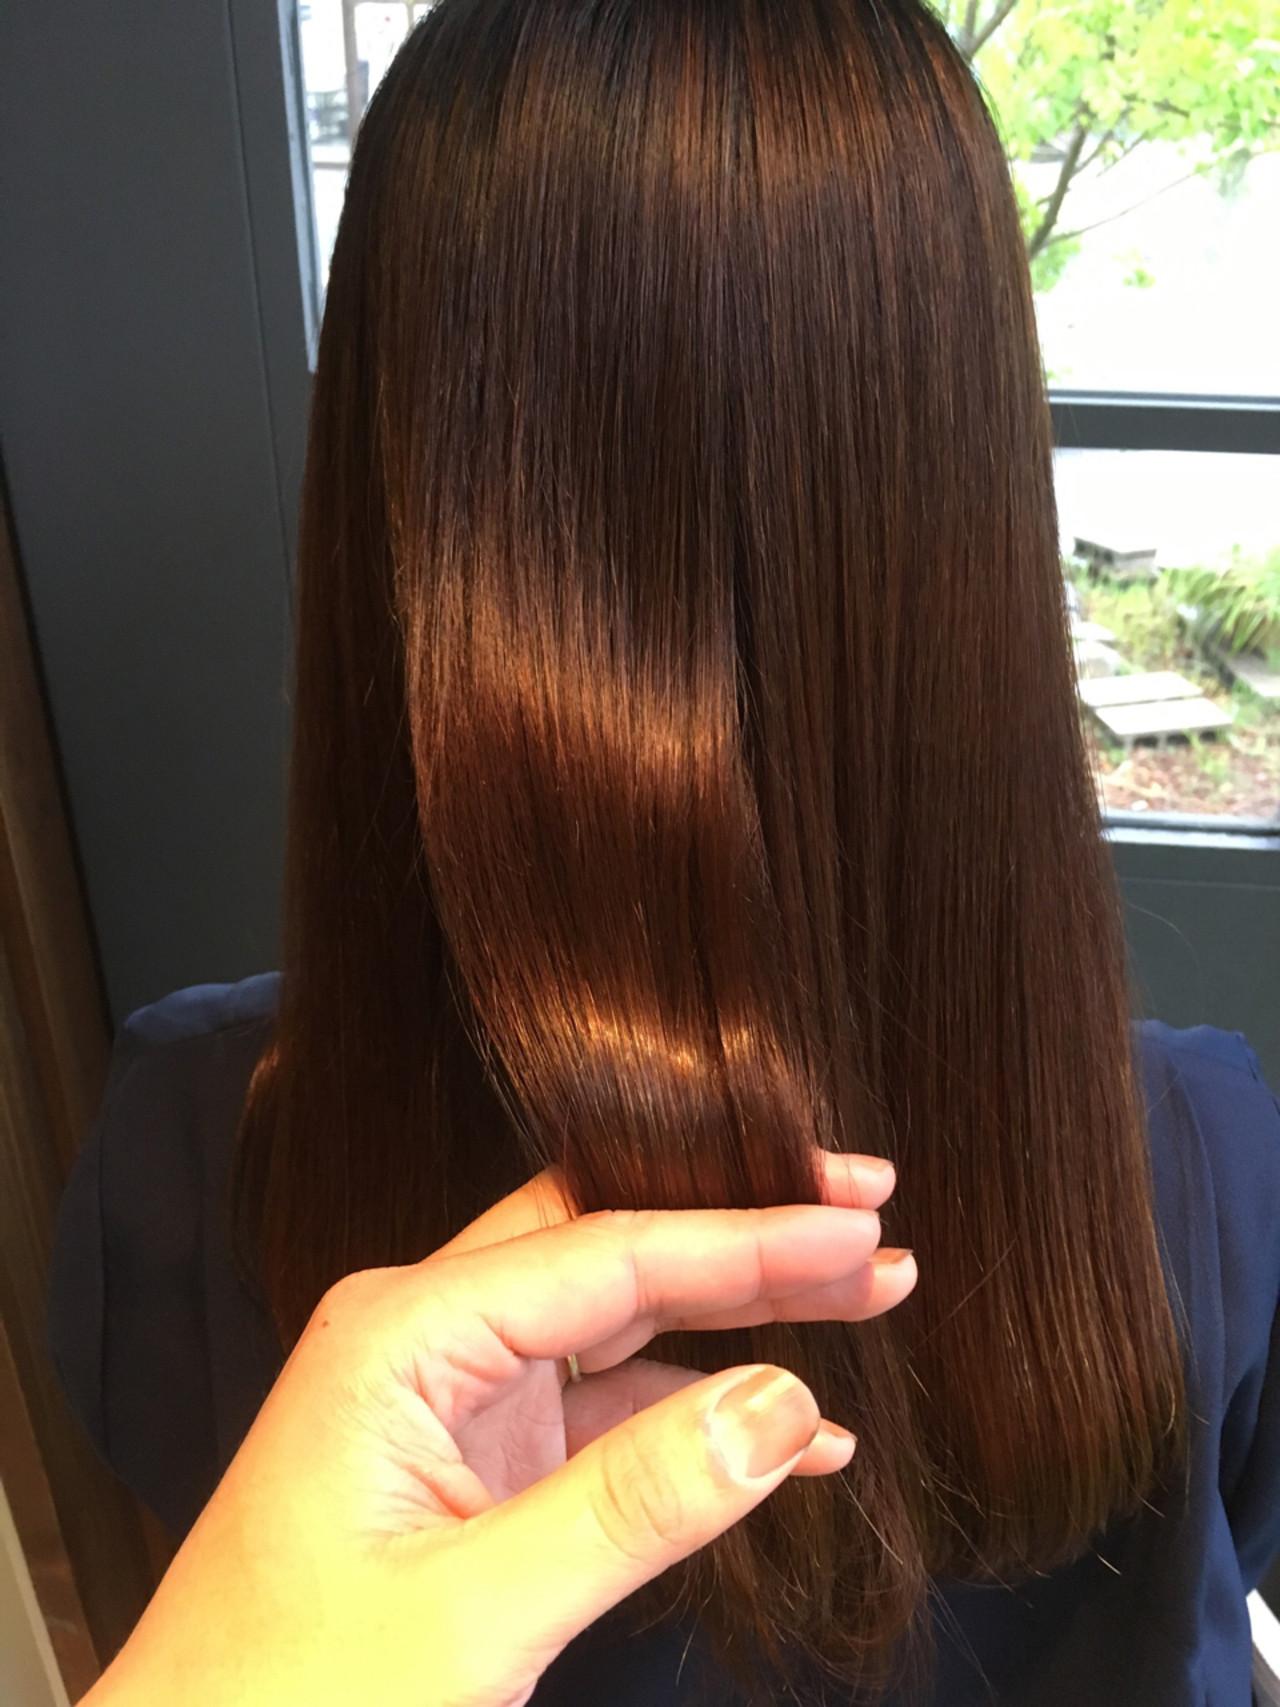 縮毛矯正 雨の日 パーマ 梅雨 ヘアスタイルや髪型の写真・画像 | 山下 翔平 / Hair Space TOM